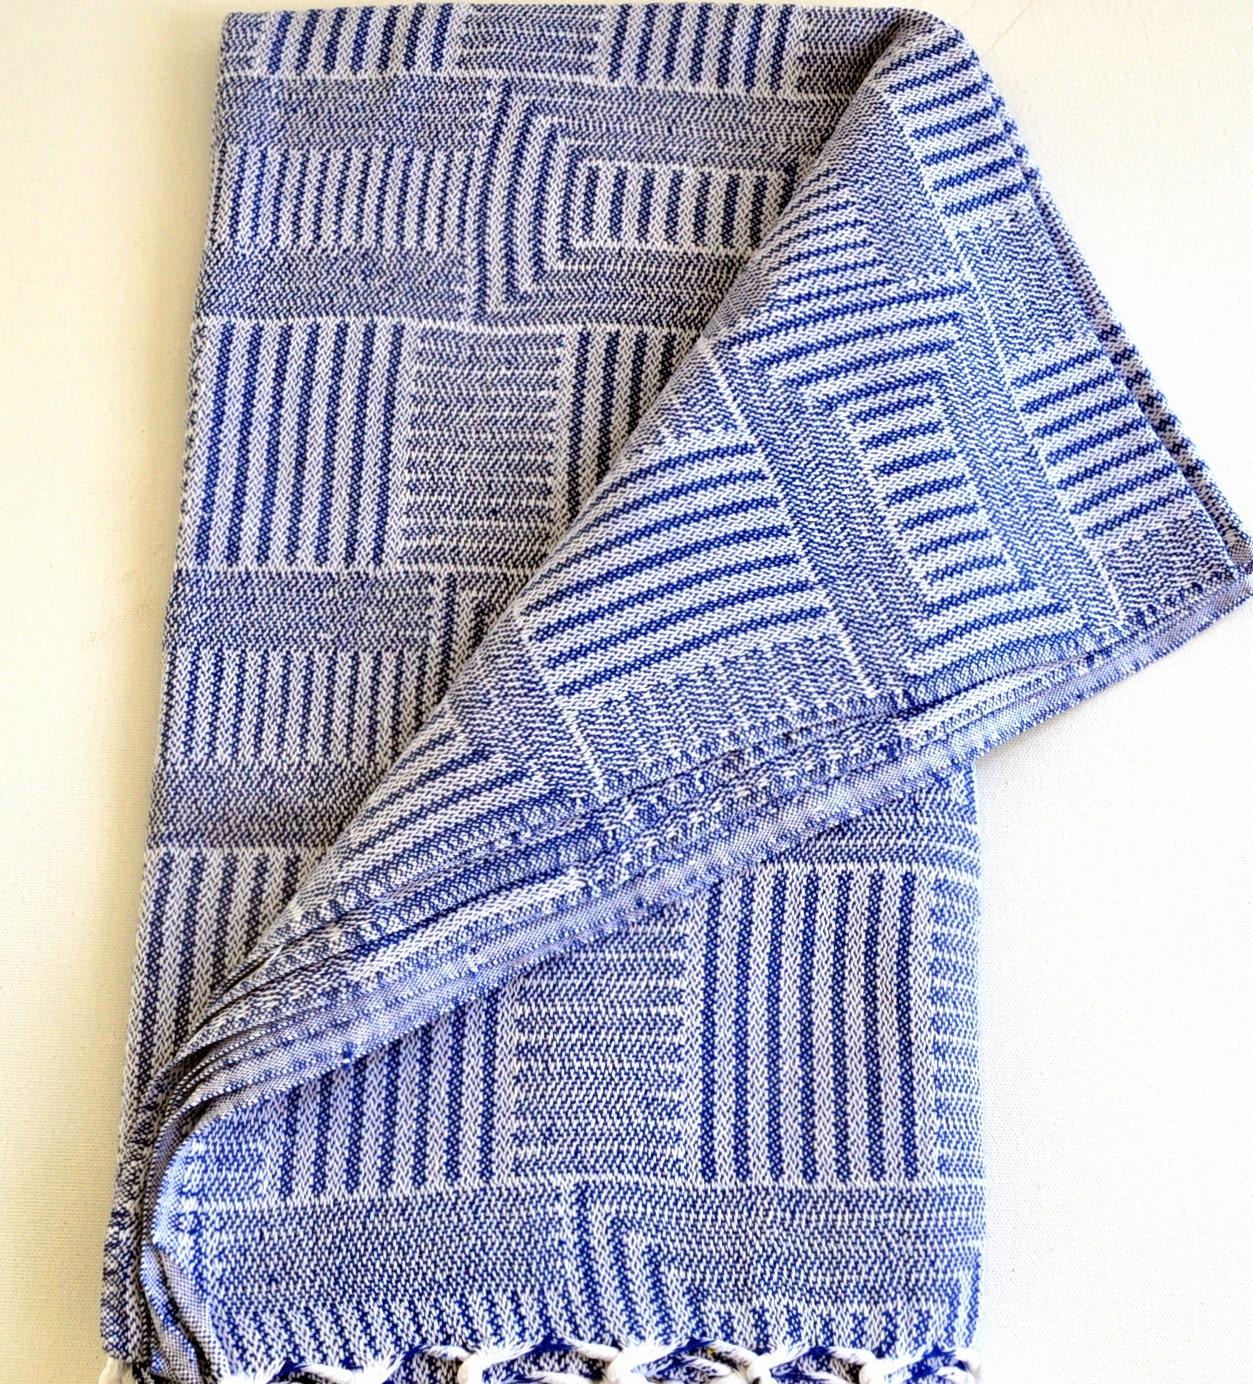 Turkish Towel Rug Pattern Peshtemal Towel Cotton Peshtemal In